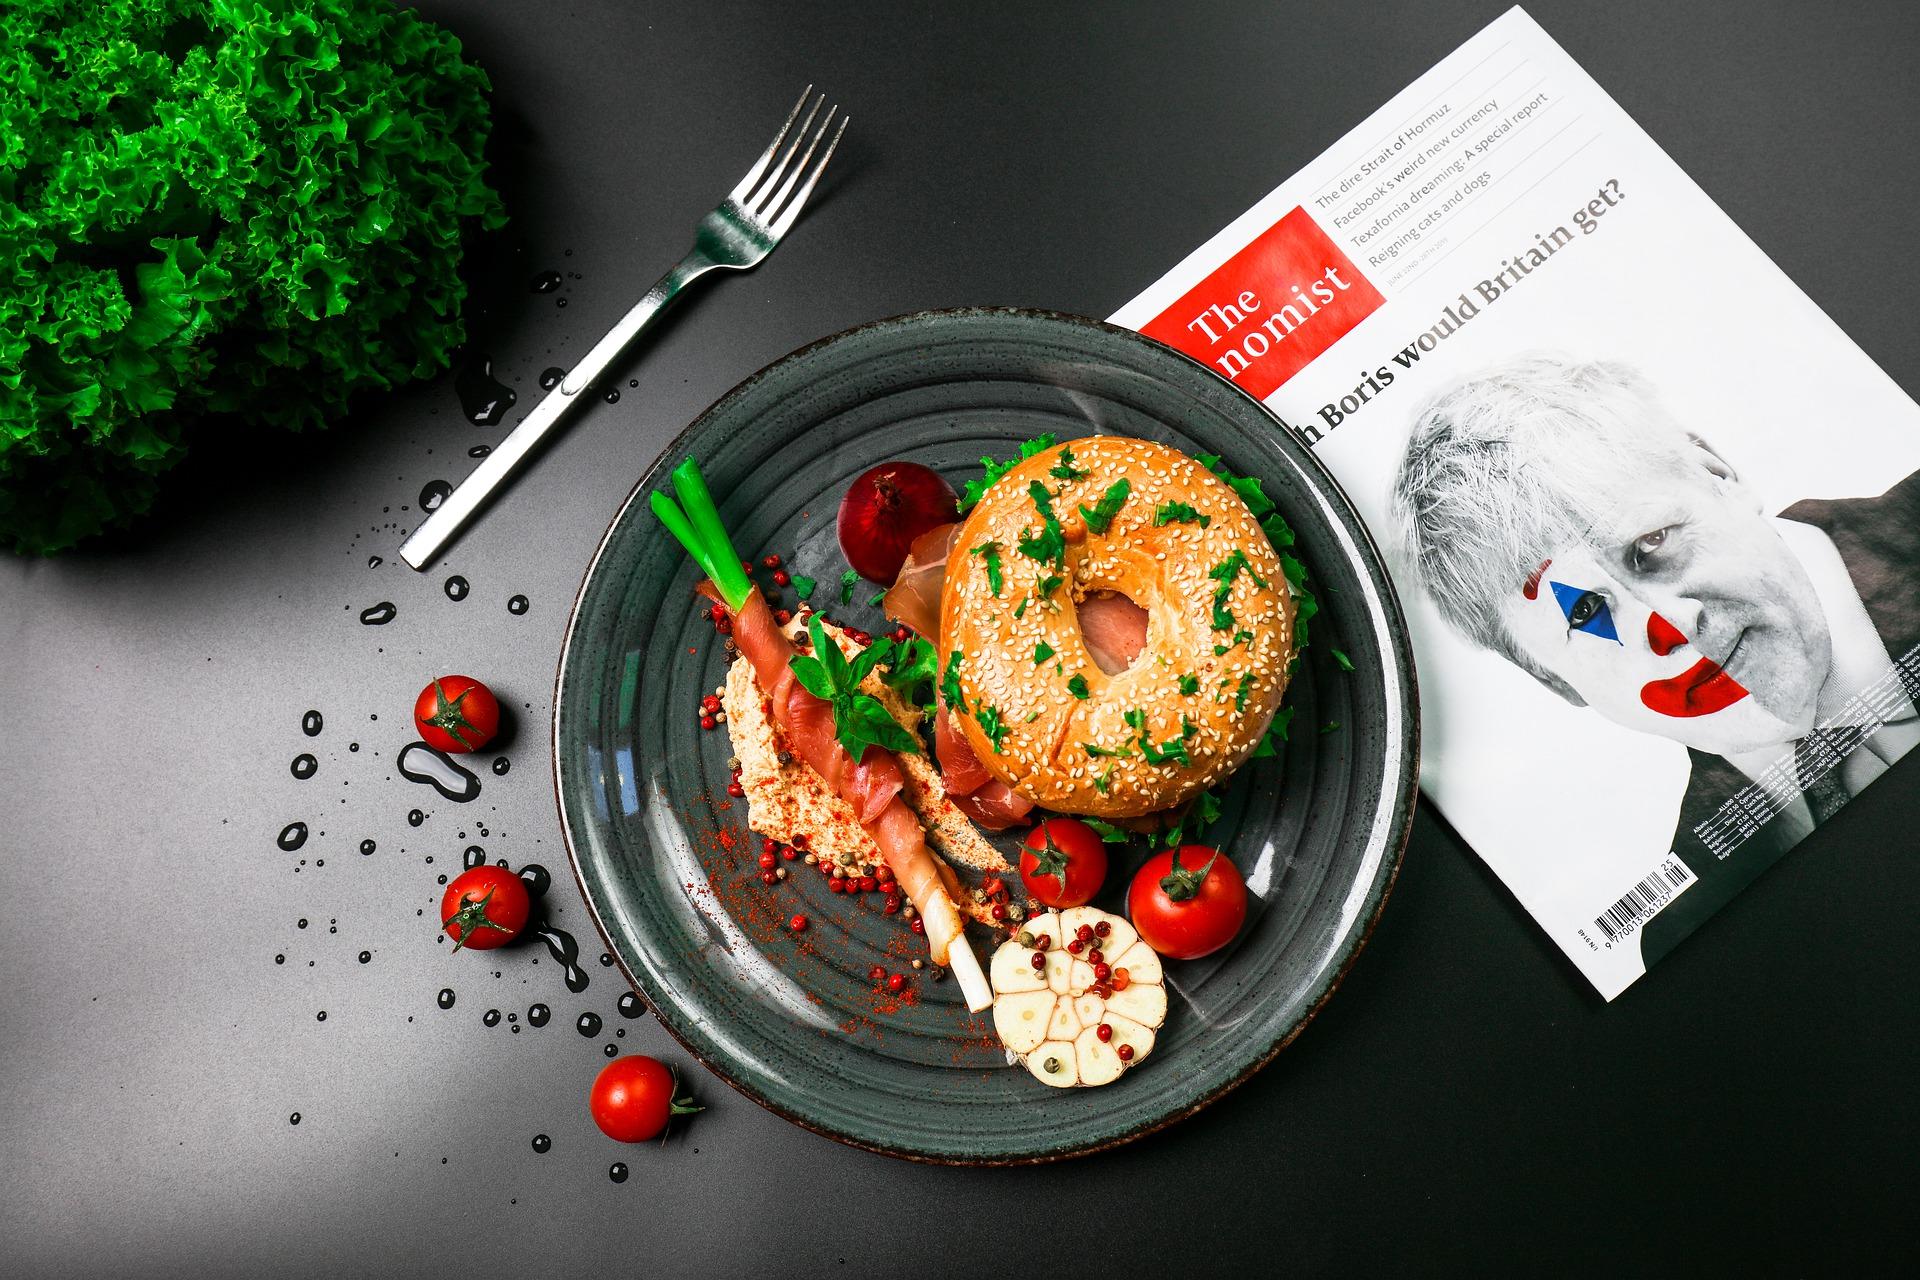 Makanan olahan dapat meningkatkan asupan kalori dan berat badan penikmatnya